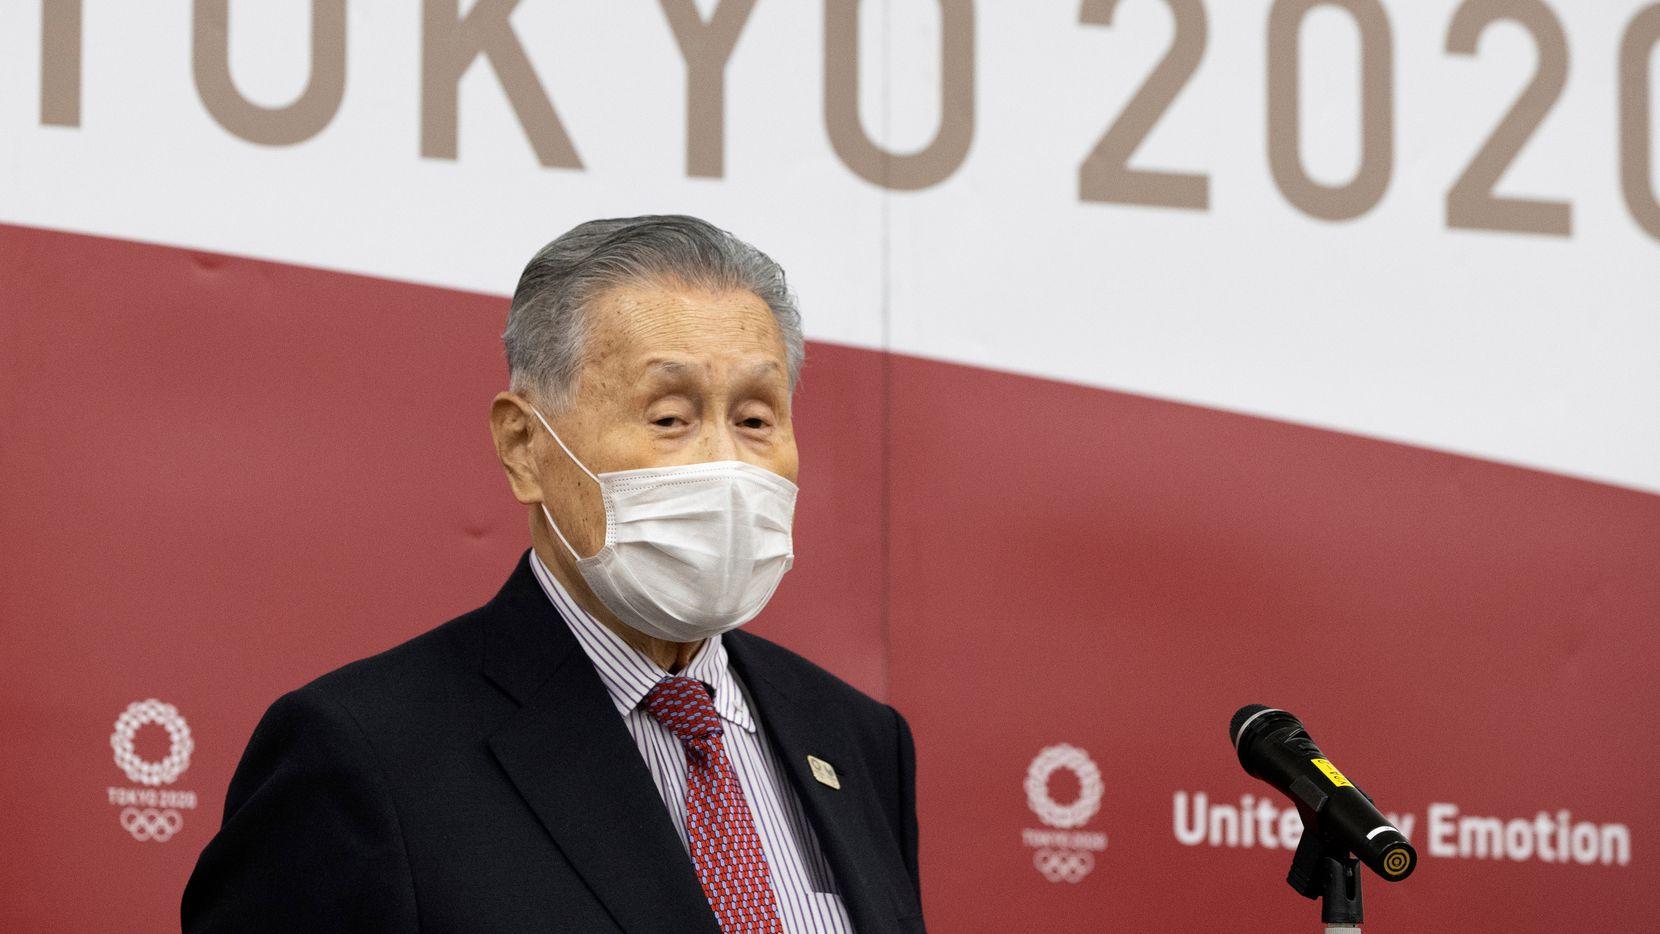 El presidente del Comité Organizador de los Juegos Olímpicos de Tokio, Yoshiro Moriokyo, está en medio de una fuerte presión para que renuncie a su puesto.